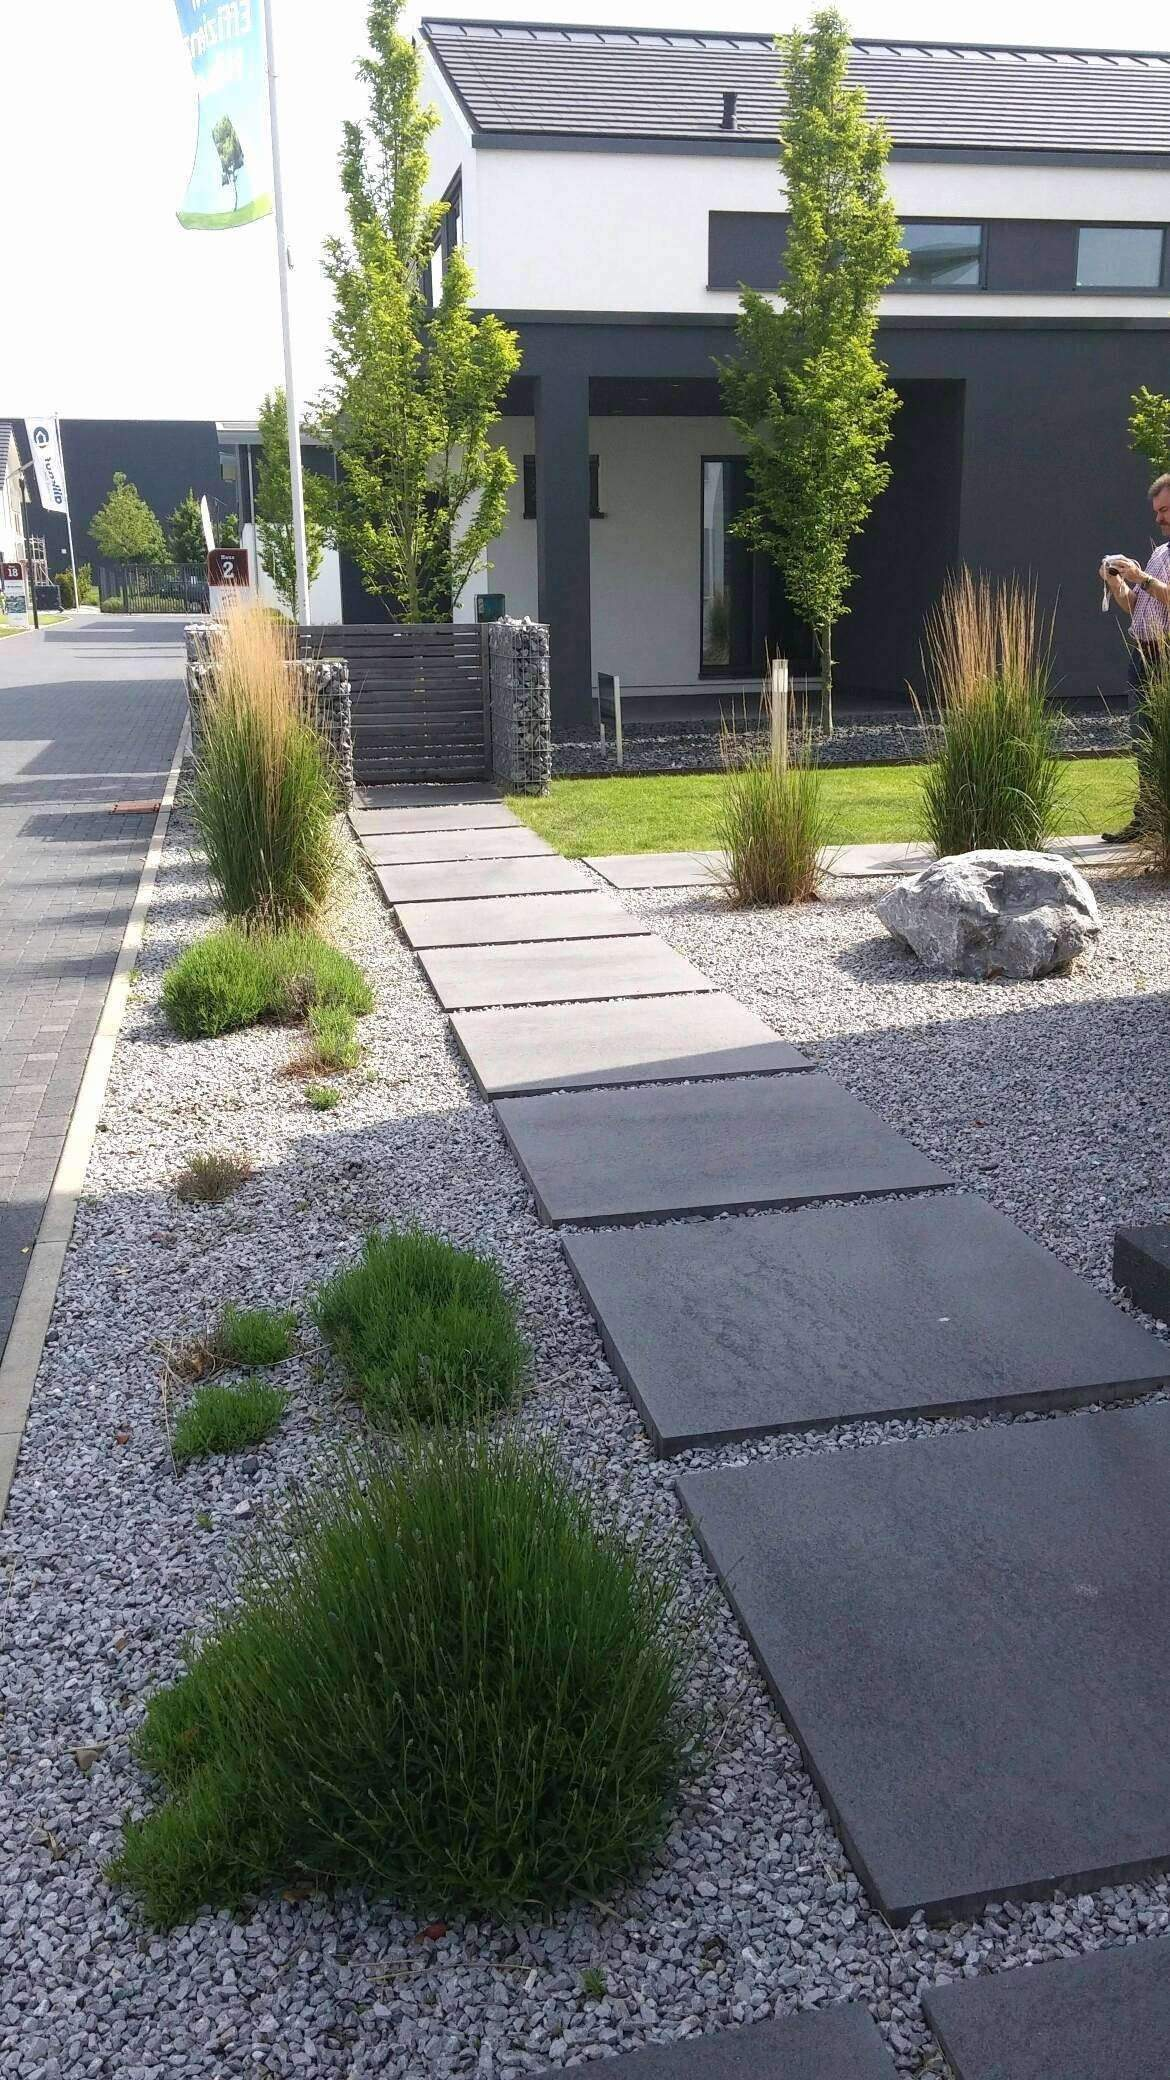 Hilfe Im Garten Gesucht Frisch Garten Ideas Garten Anlegen Lovely Aussenleuchten Garten 0d